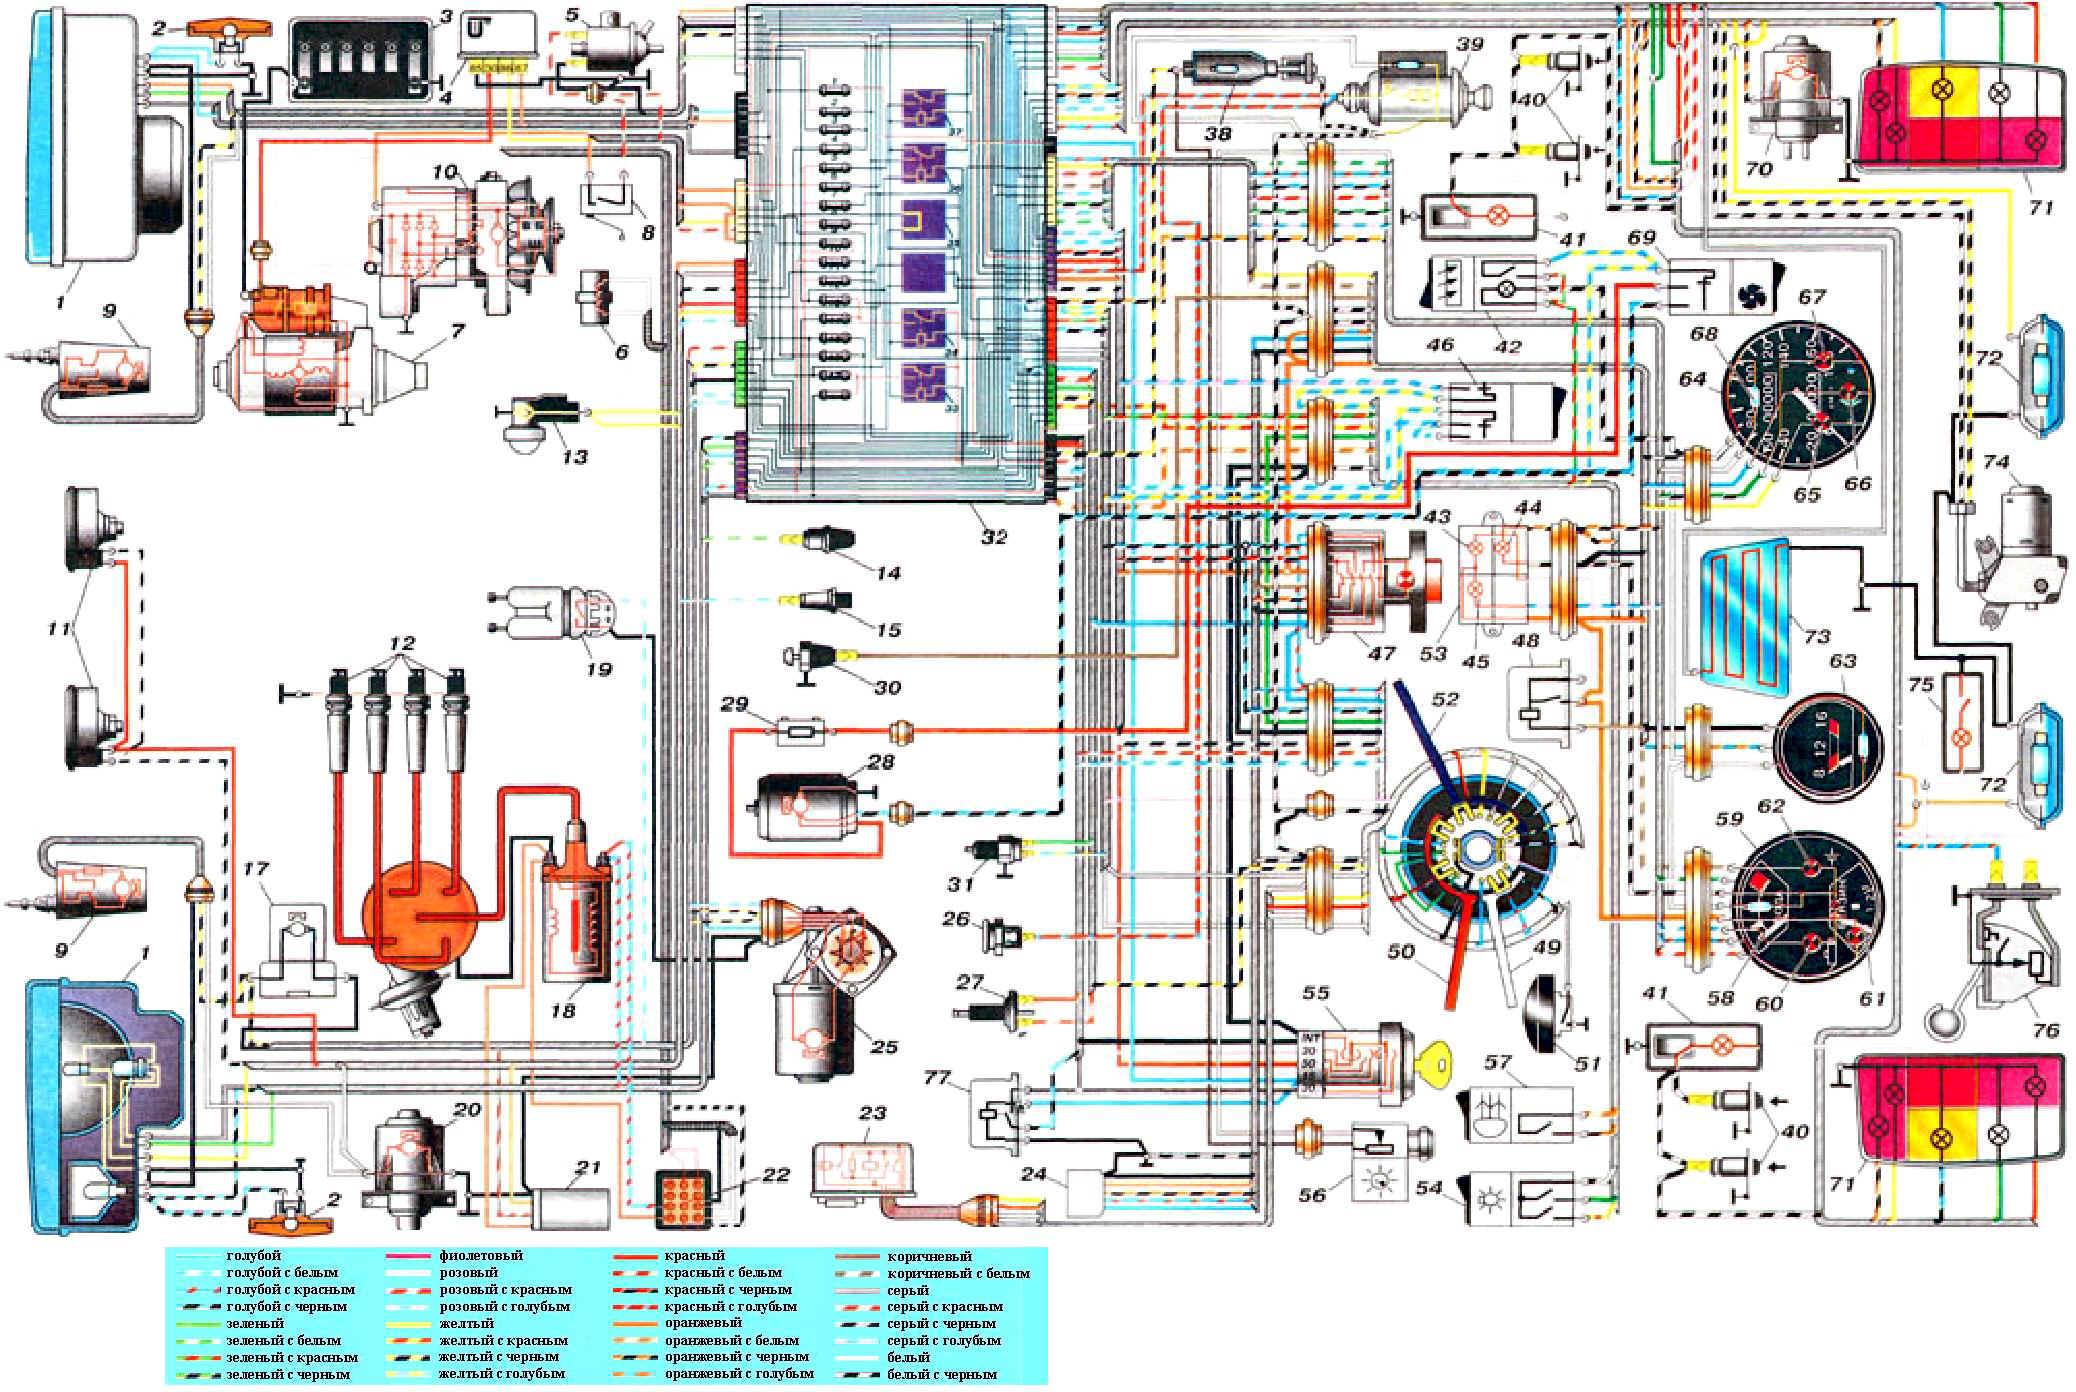 Электронная схема электрооборудования автомобилей